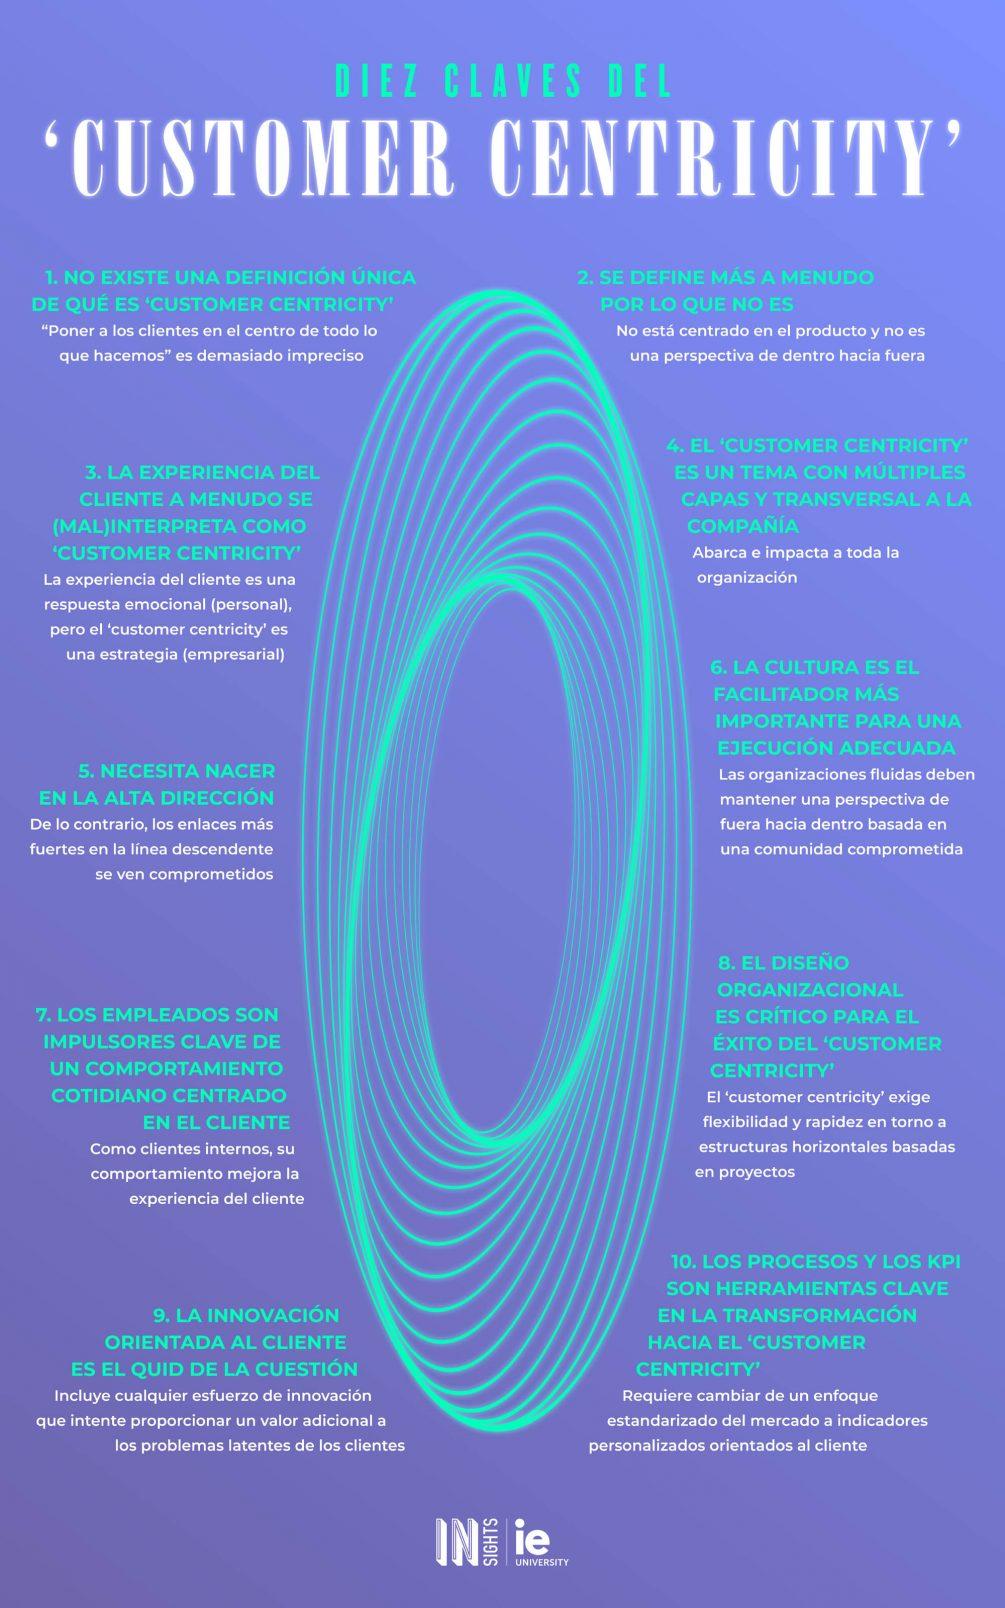 Infografia - Customer centricity esp